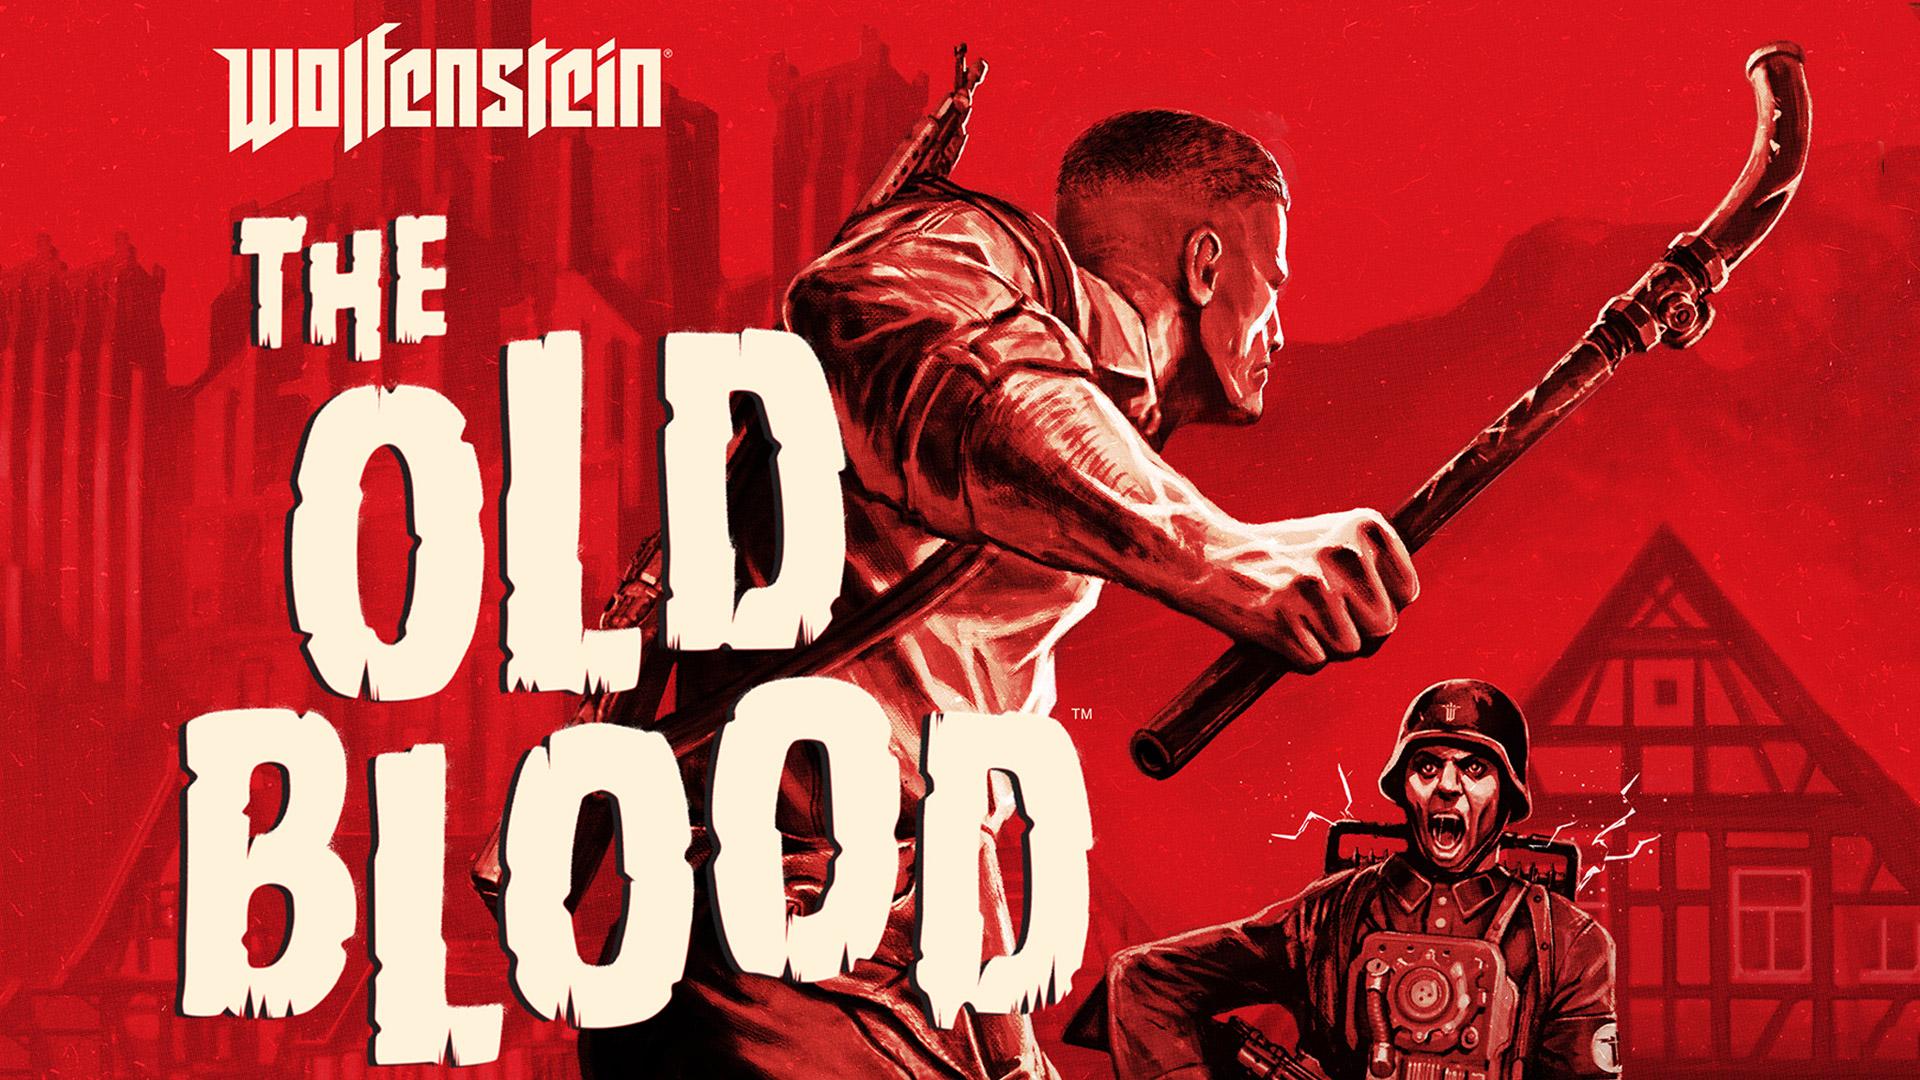 Wolfenstein The Old Blood Wallpaper 1